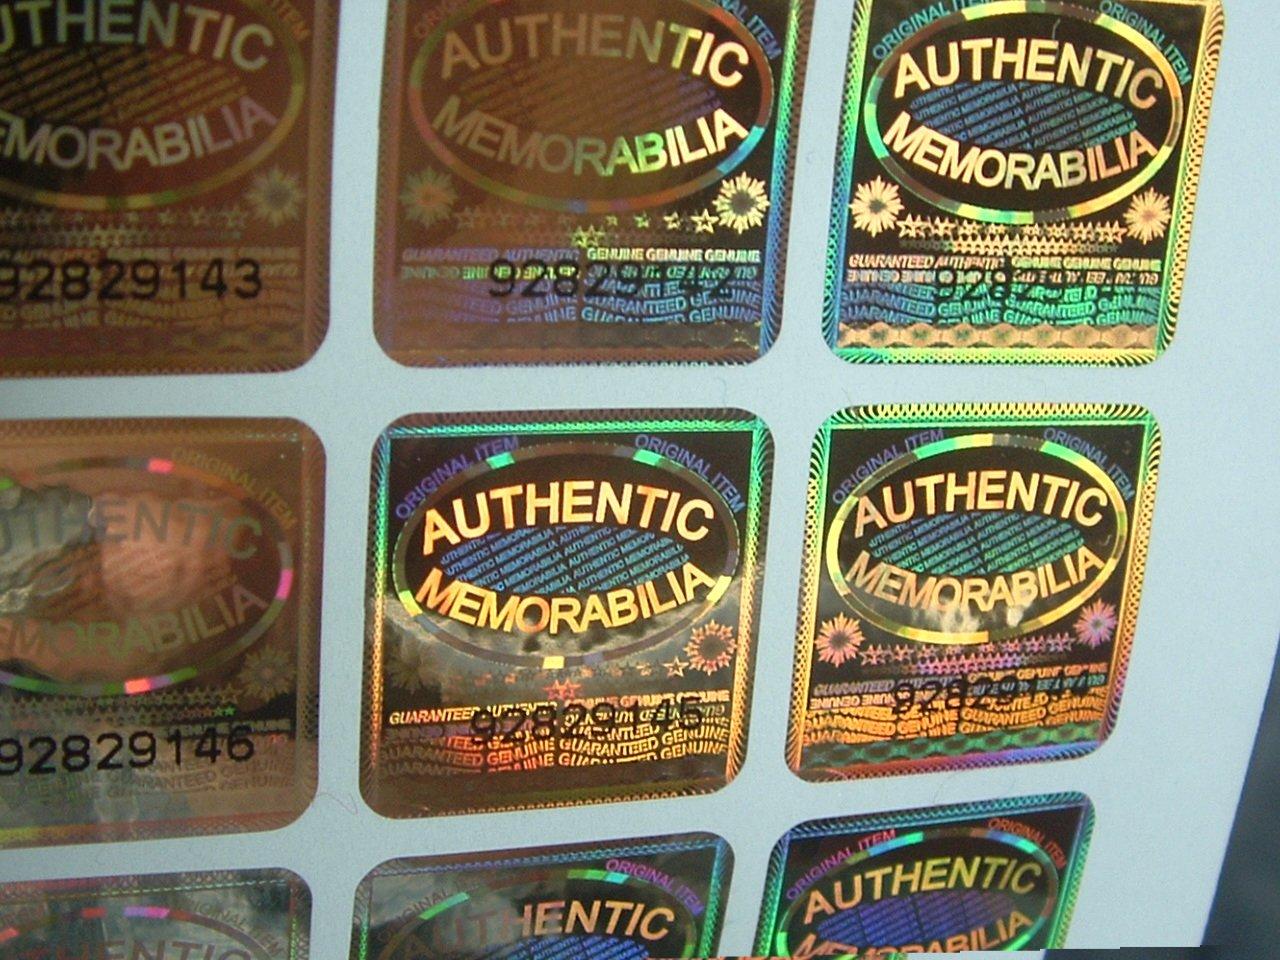 1000 Memorabilia específicos con precinto dorado holograma seguridad etiquetas serie con número de serie etiquetas único por etiqueta 540ff9